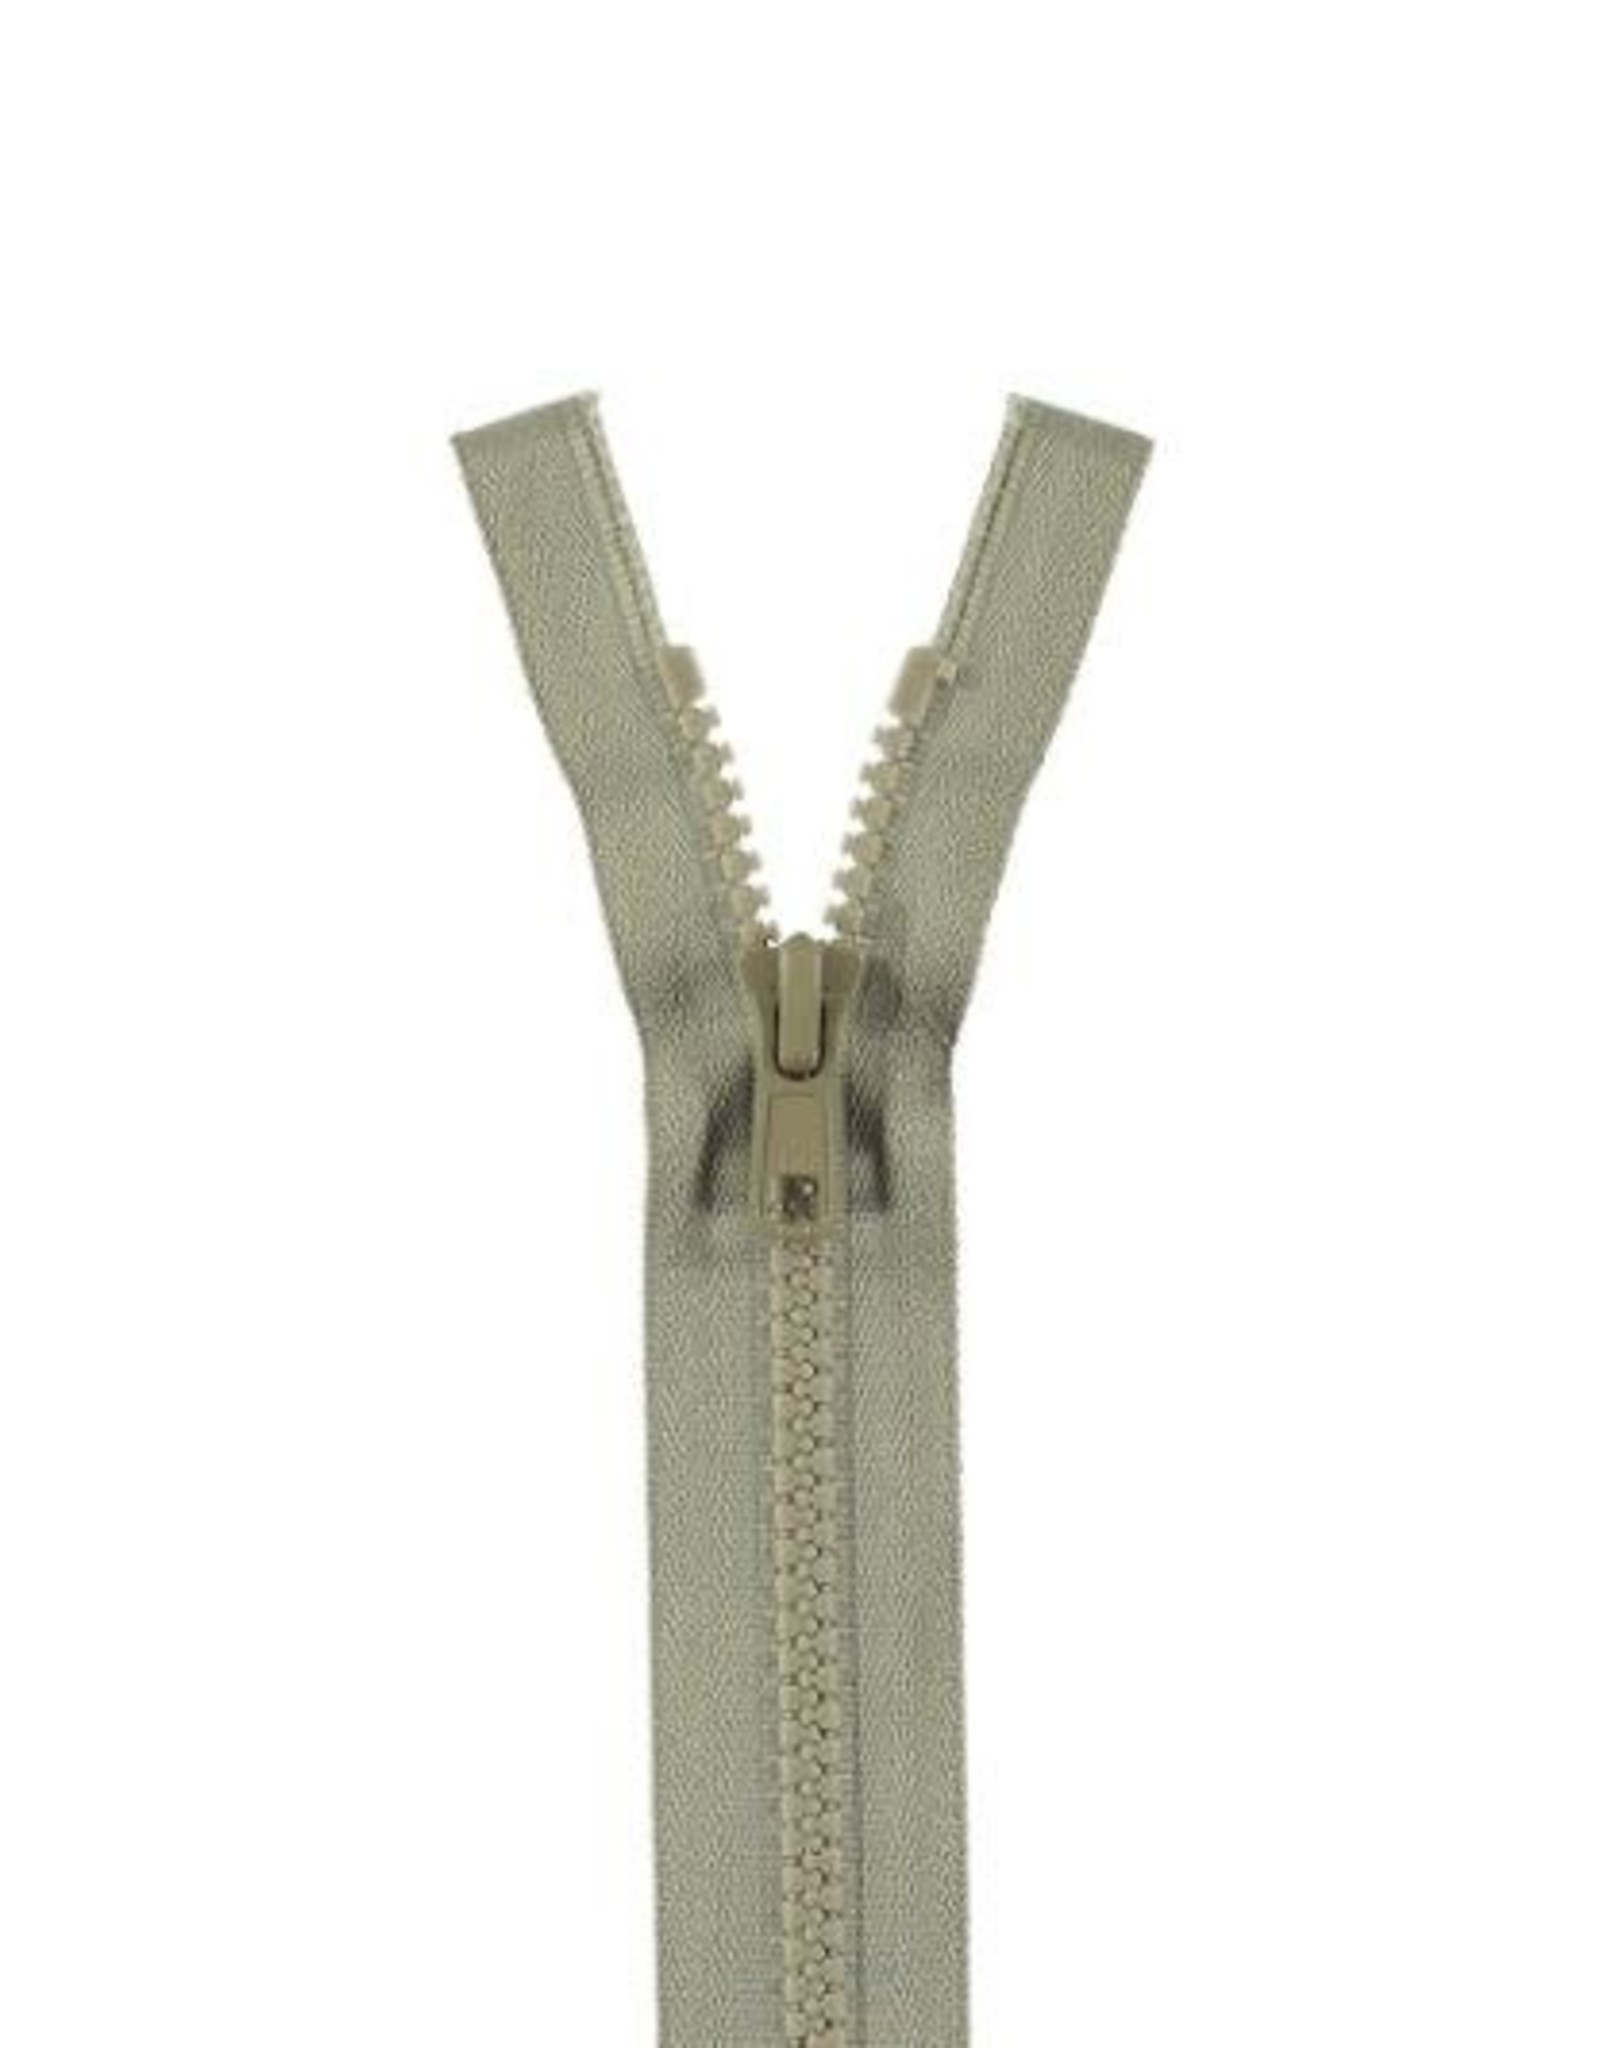 YKK BLOKRITS 5 DEELBAAR licht grijs 576-60cm